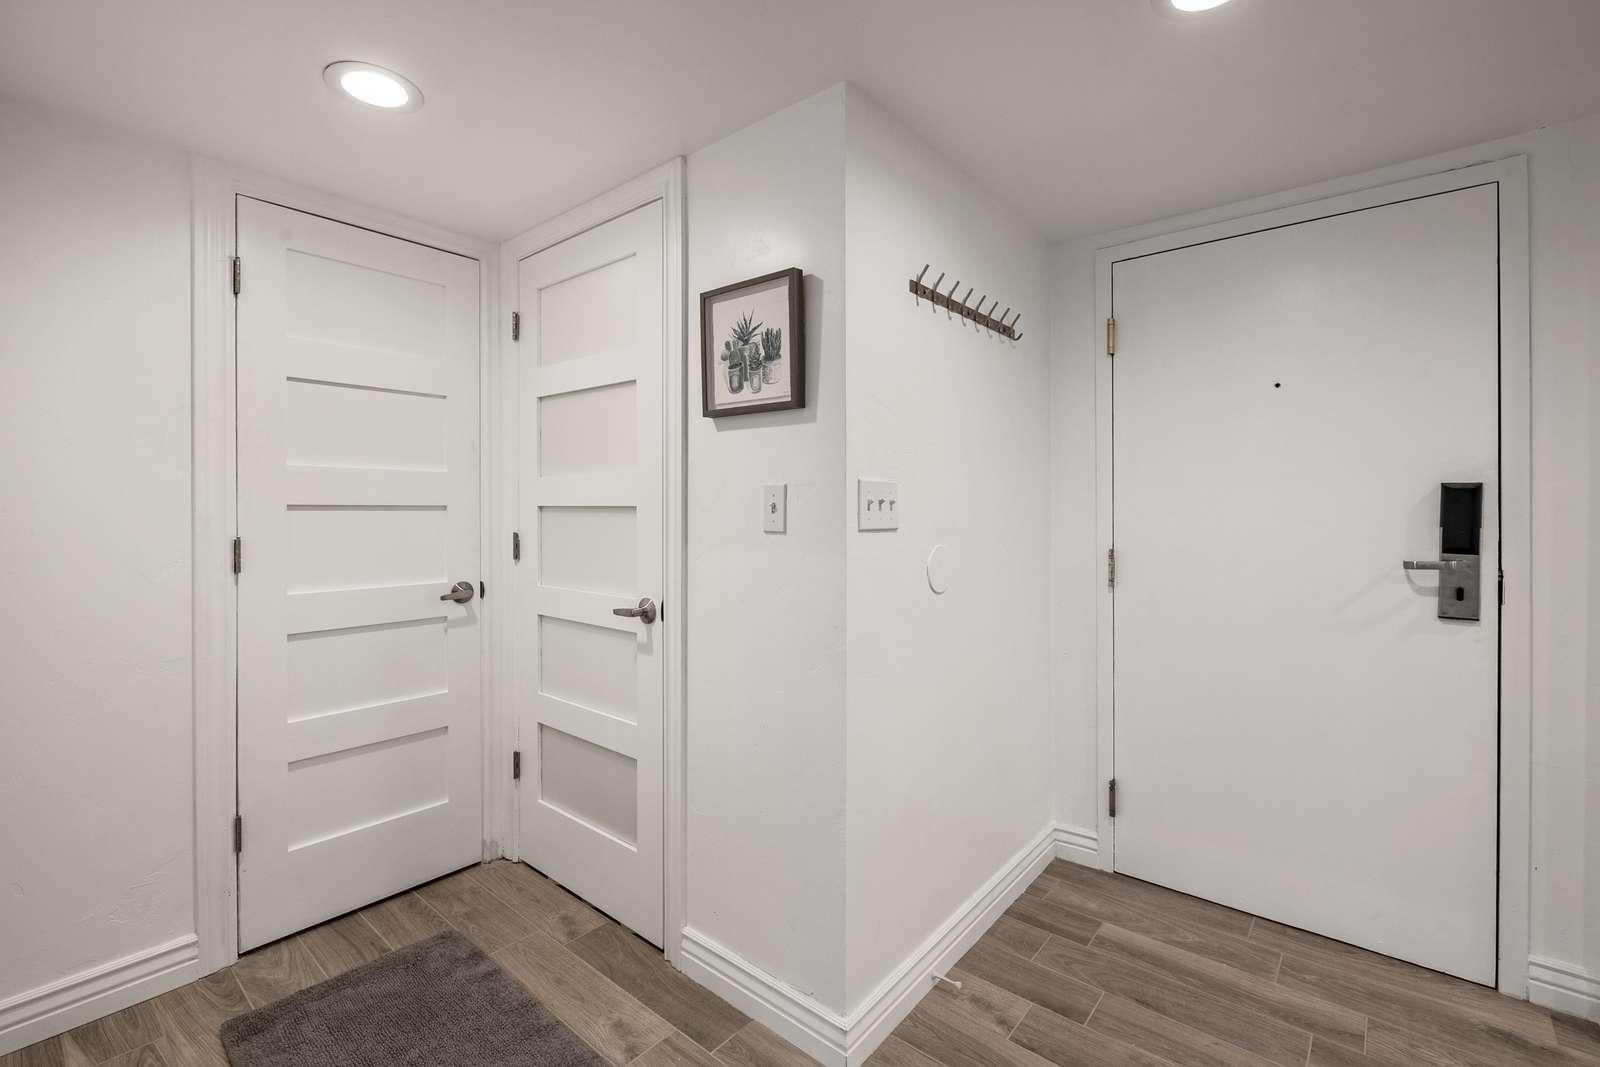 Condo entry door